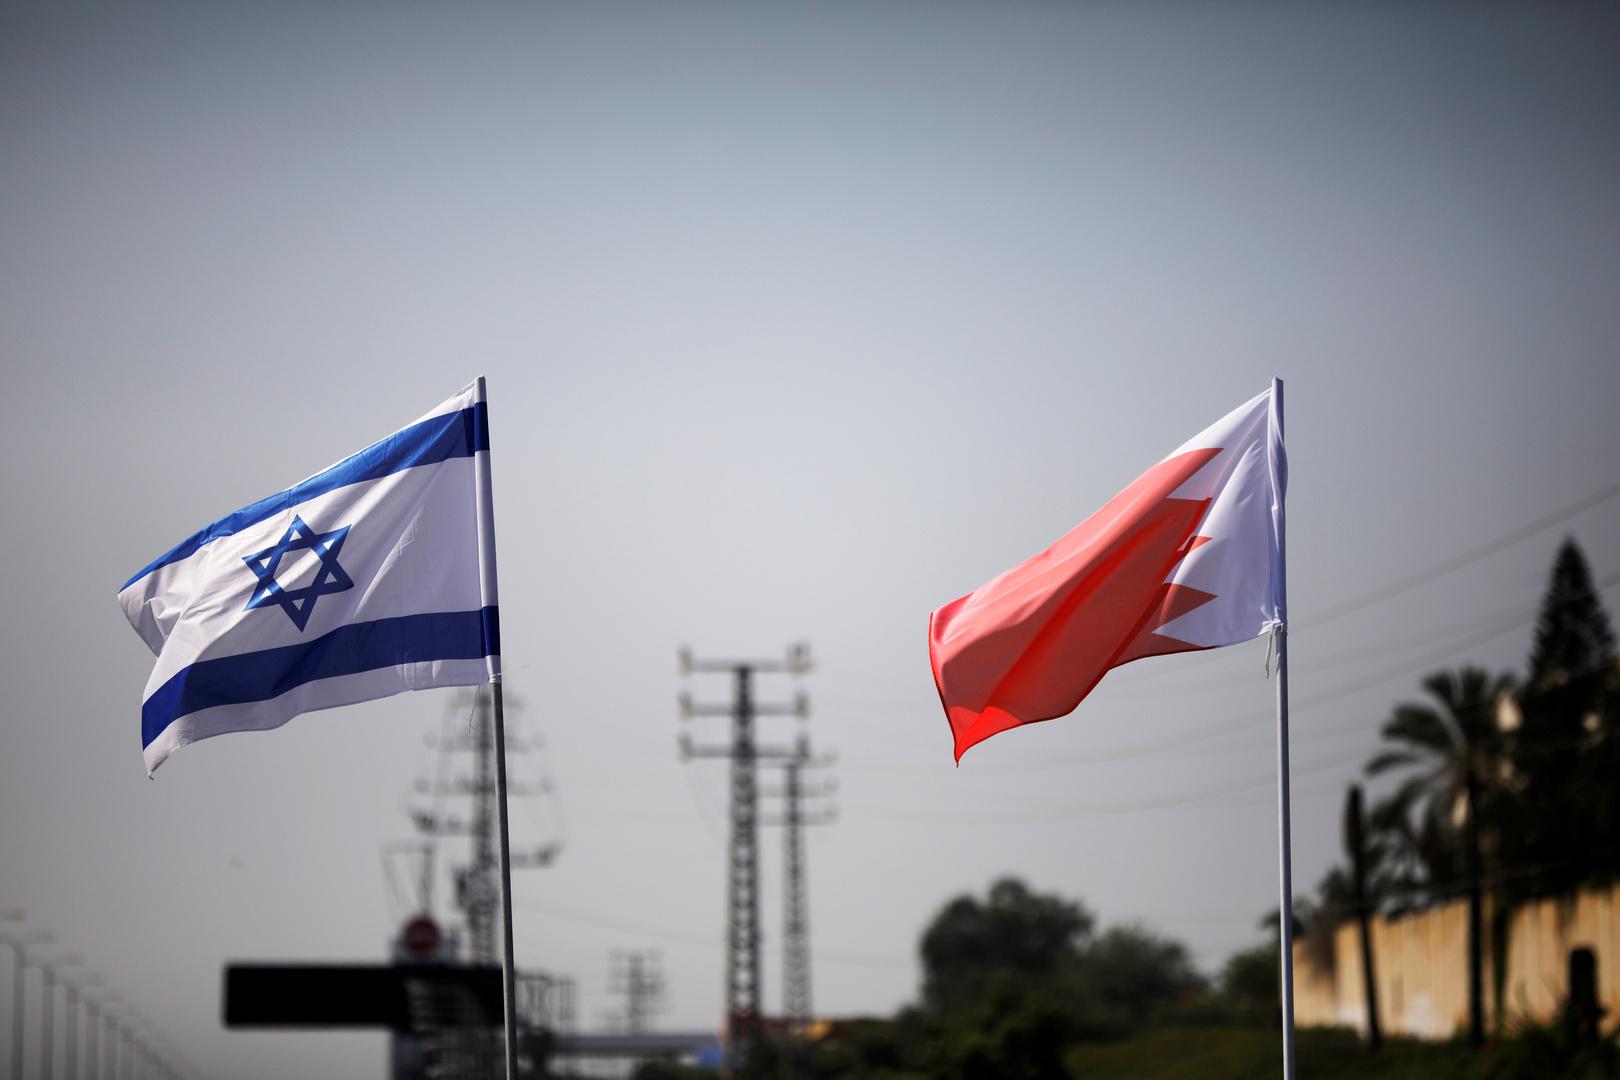 علما إسرائيل والبحرين